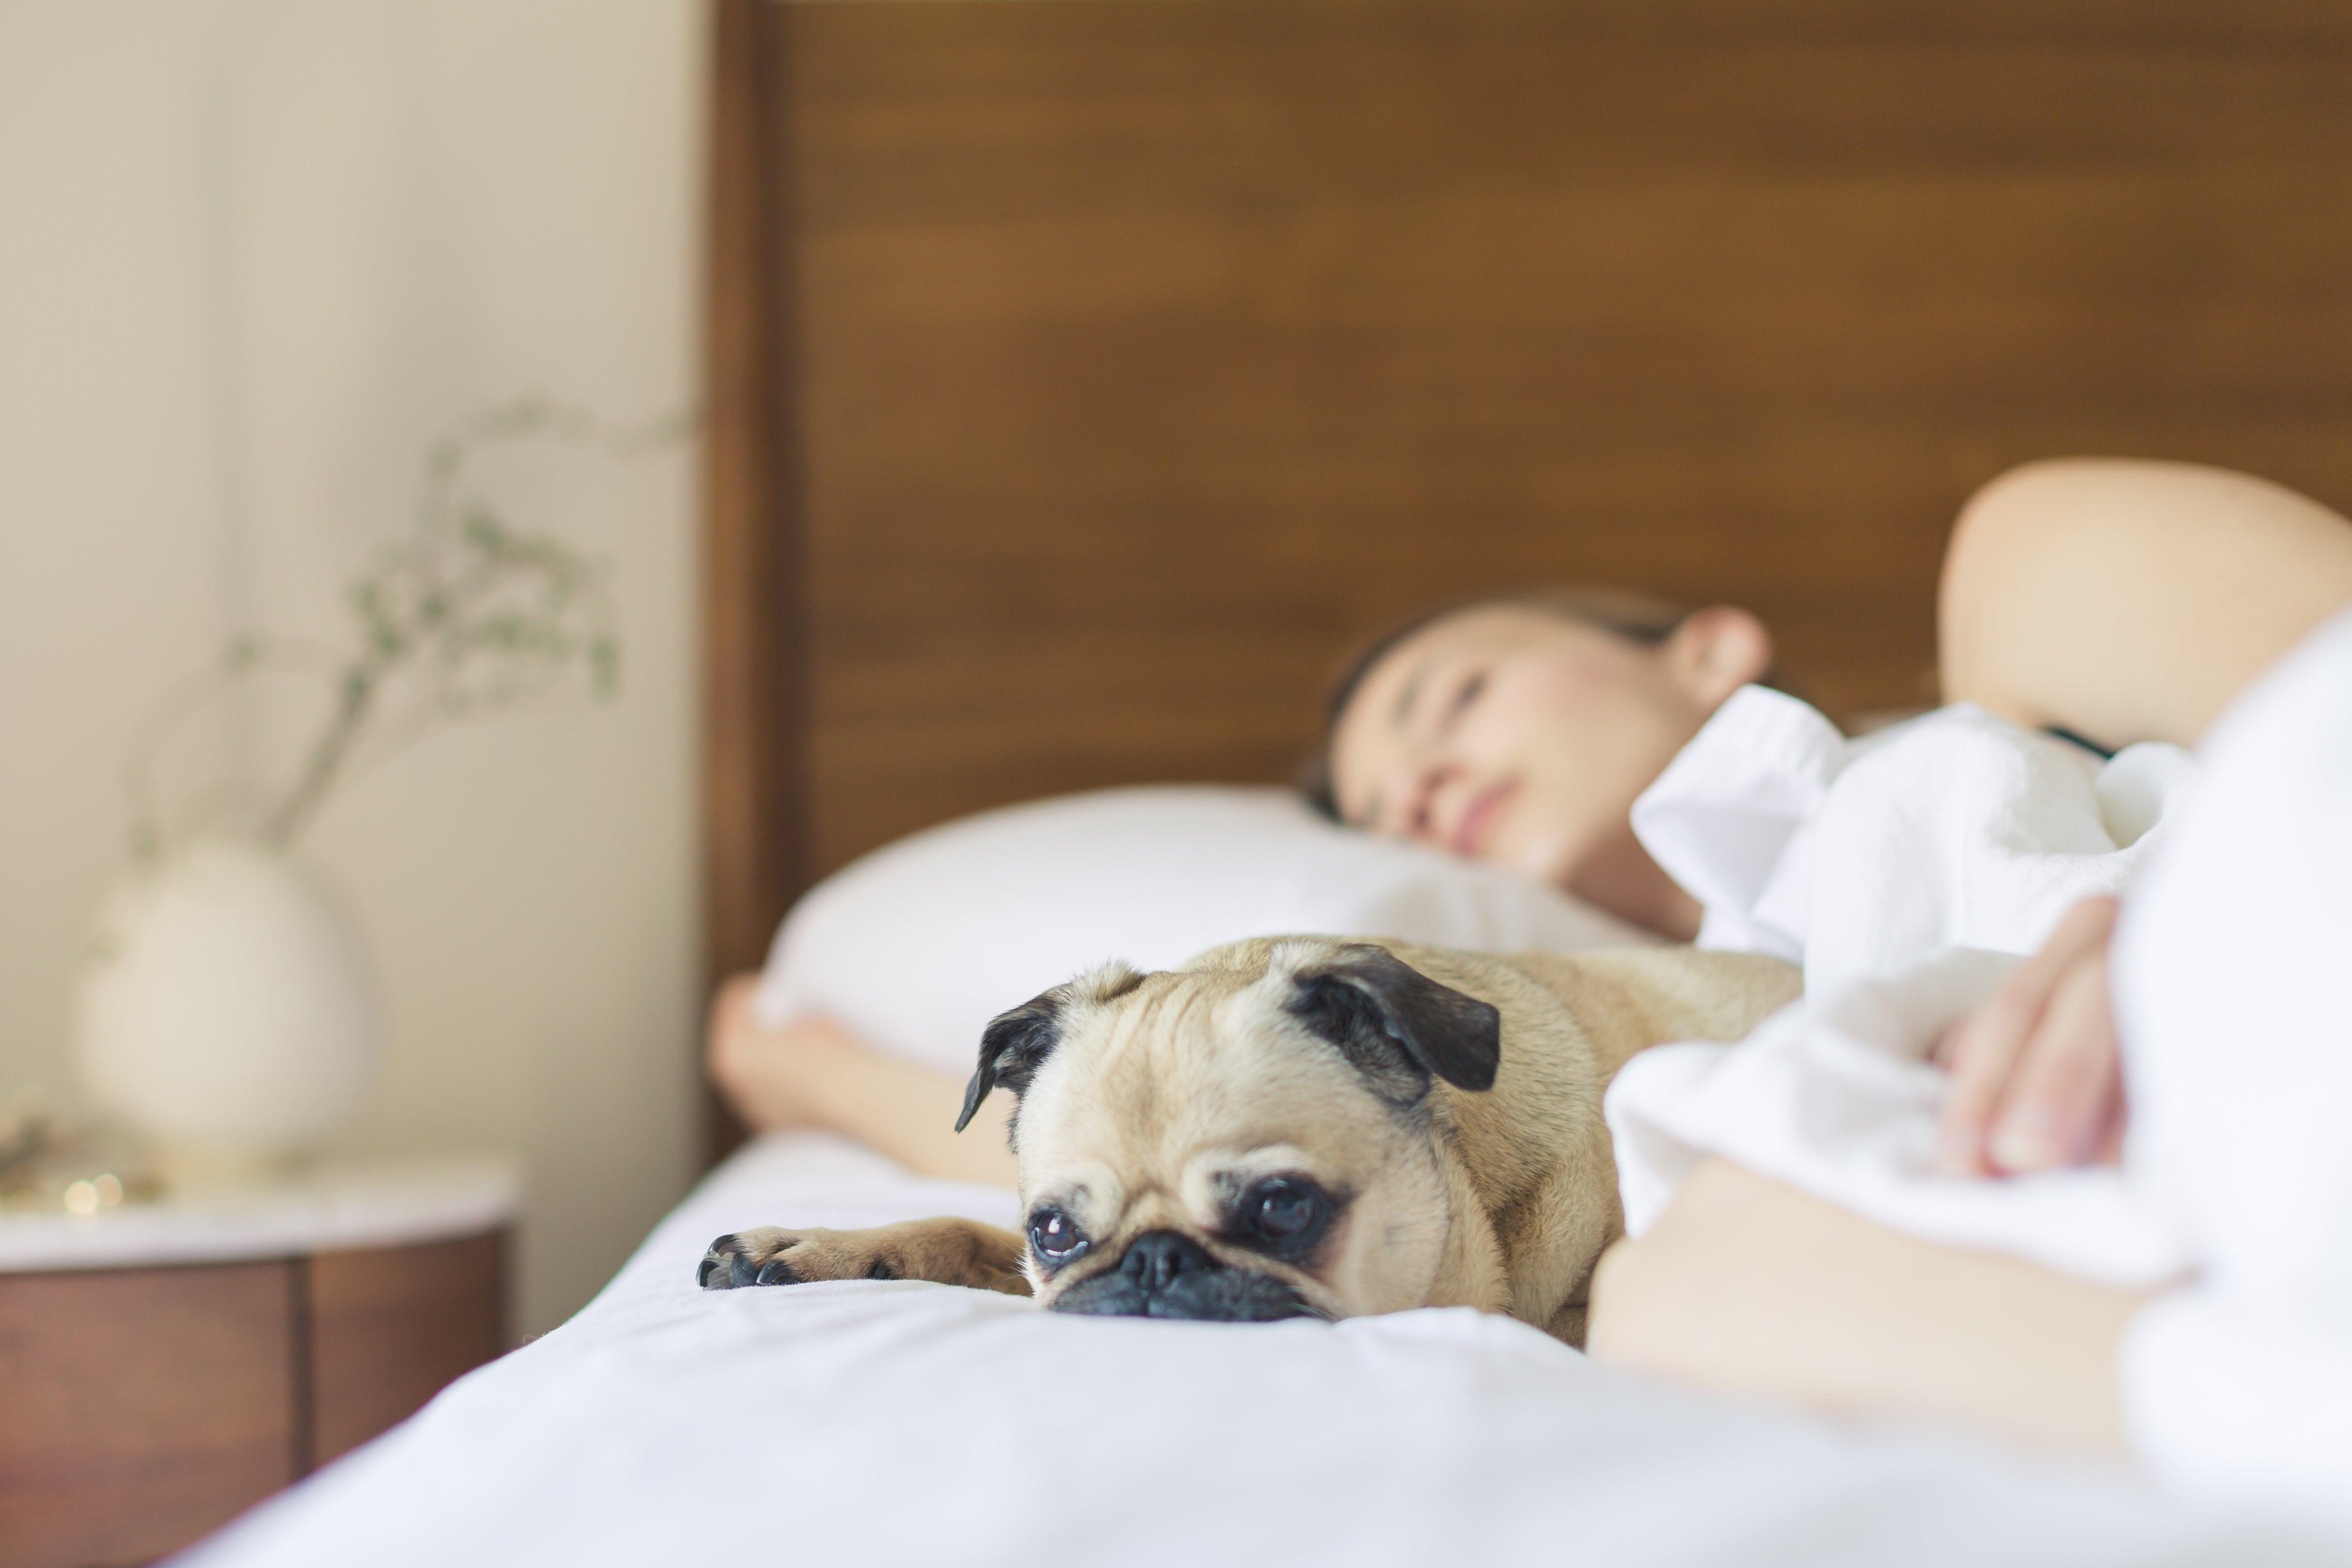 講到皮膚過敏不得不提到惡名昭彰的異位性皮膚炎,困擾眾多狗兒的生活